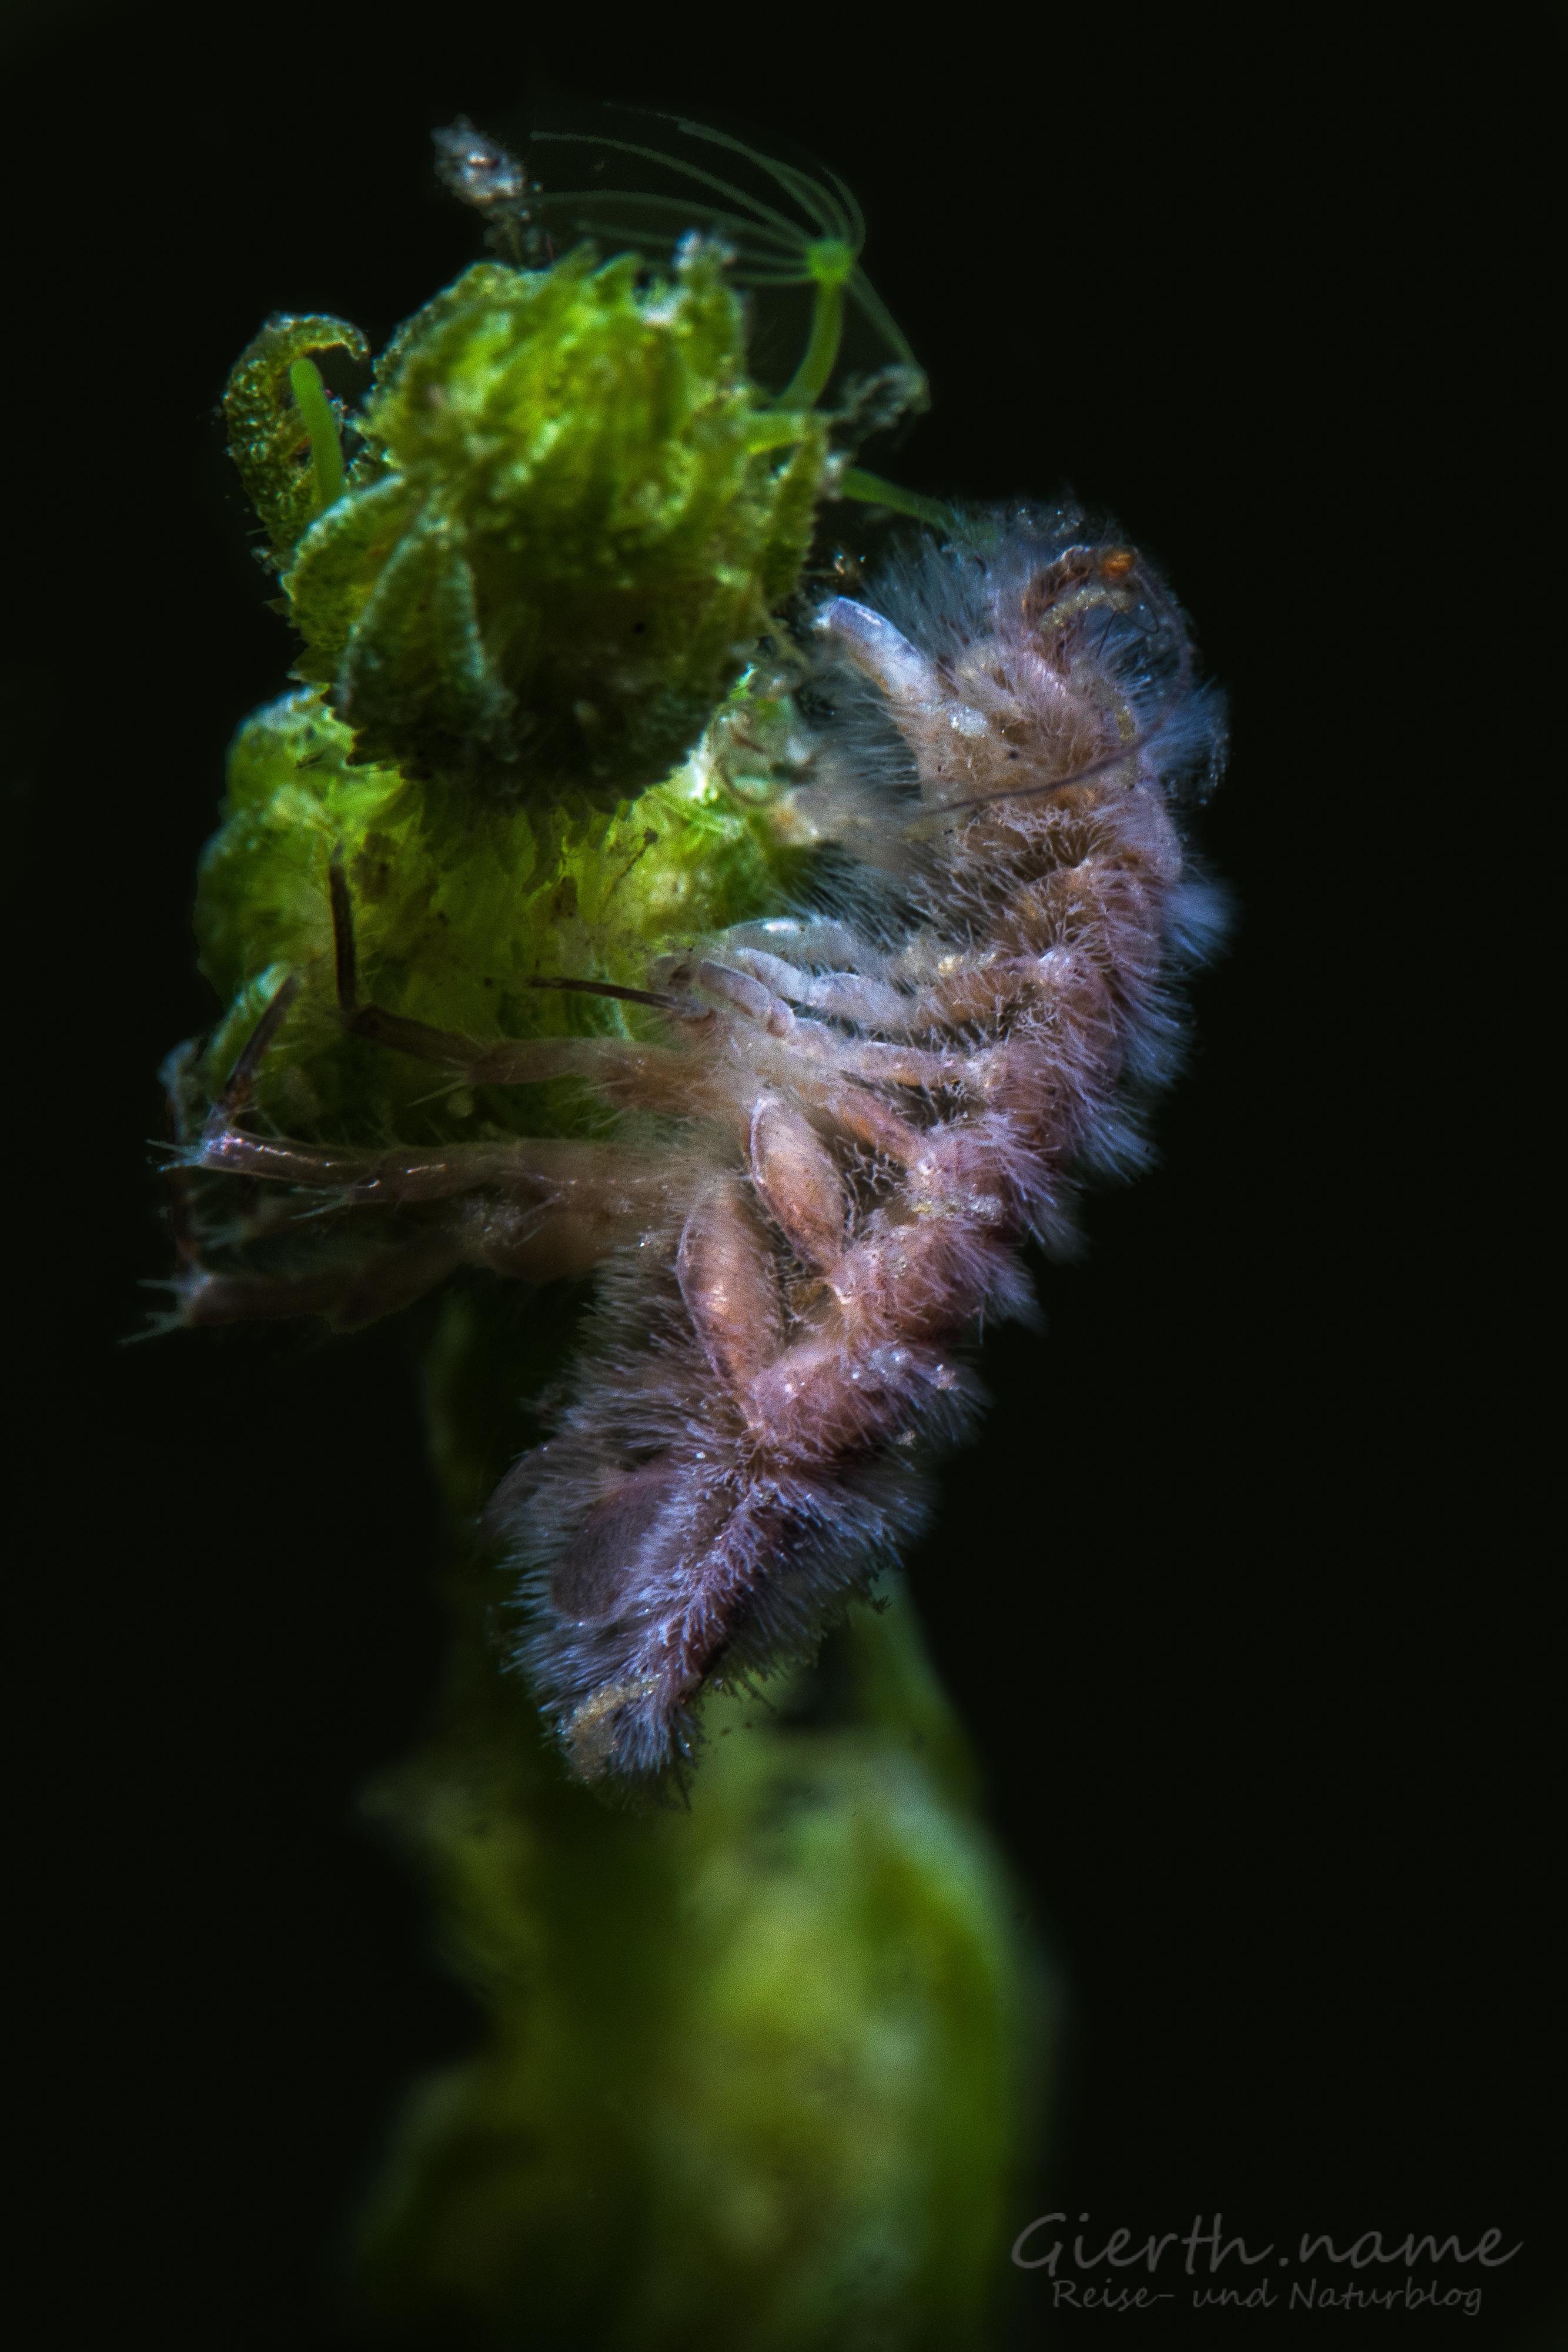 Unbestimmtes Süßwasserungeheuer